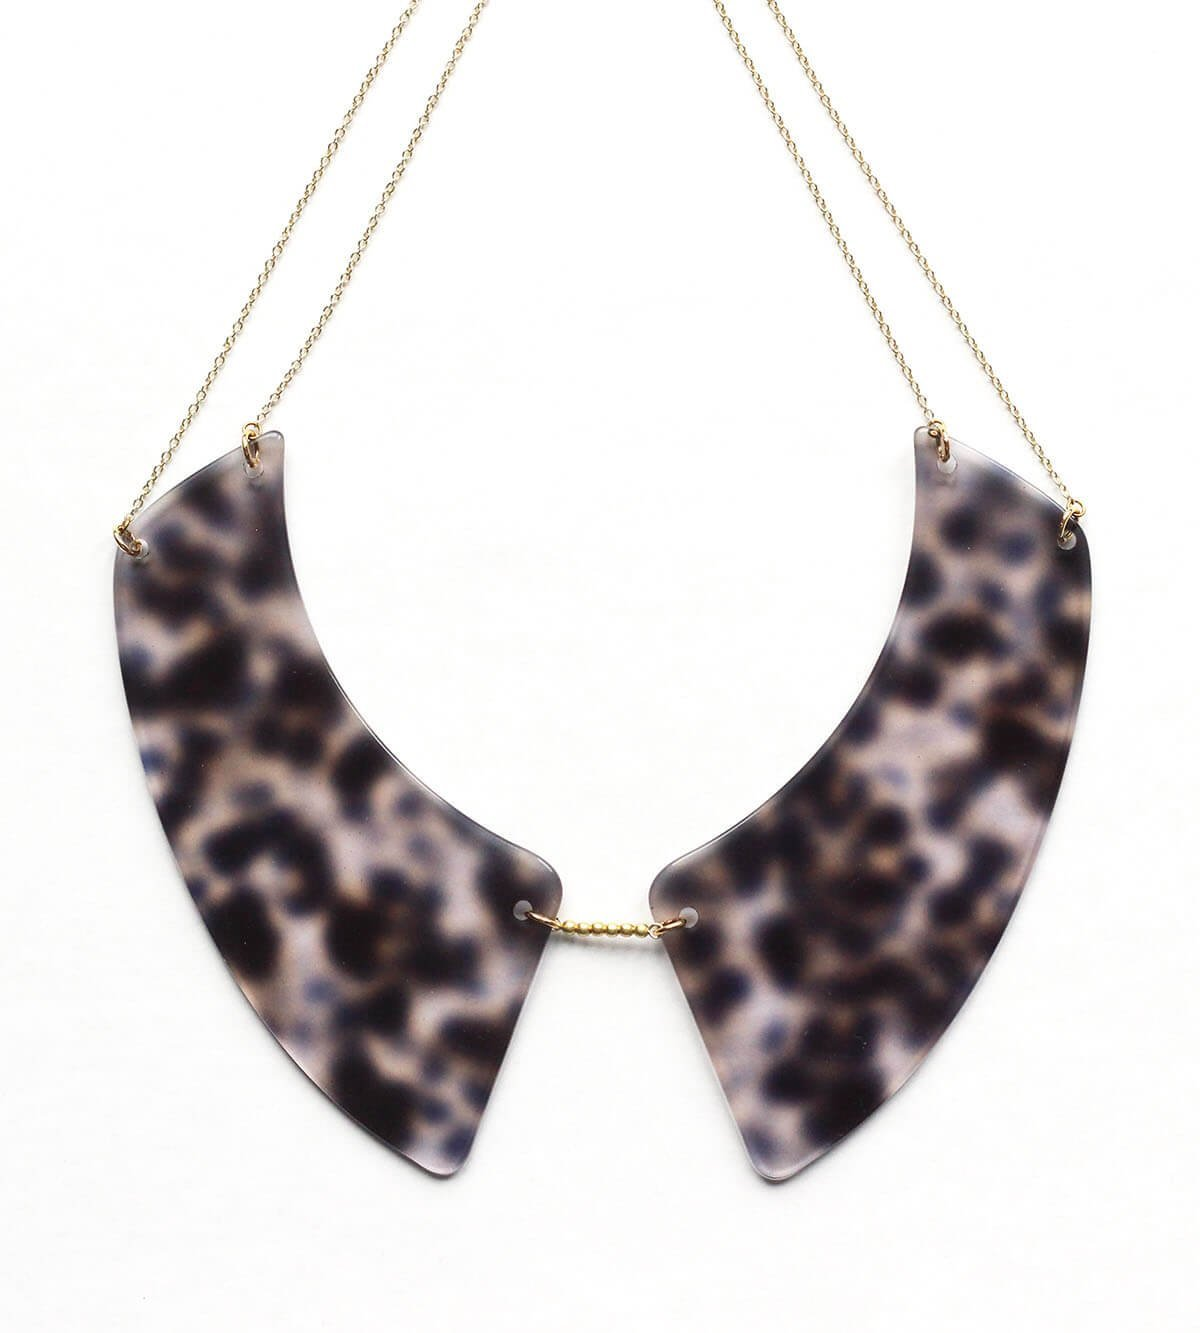 collier acétate léopard noir translucide